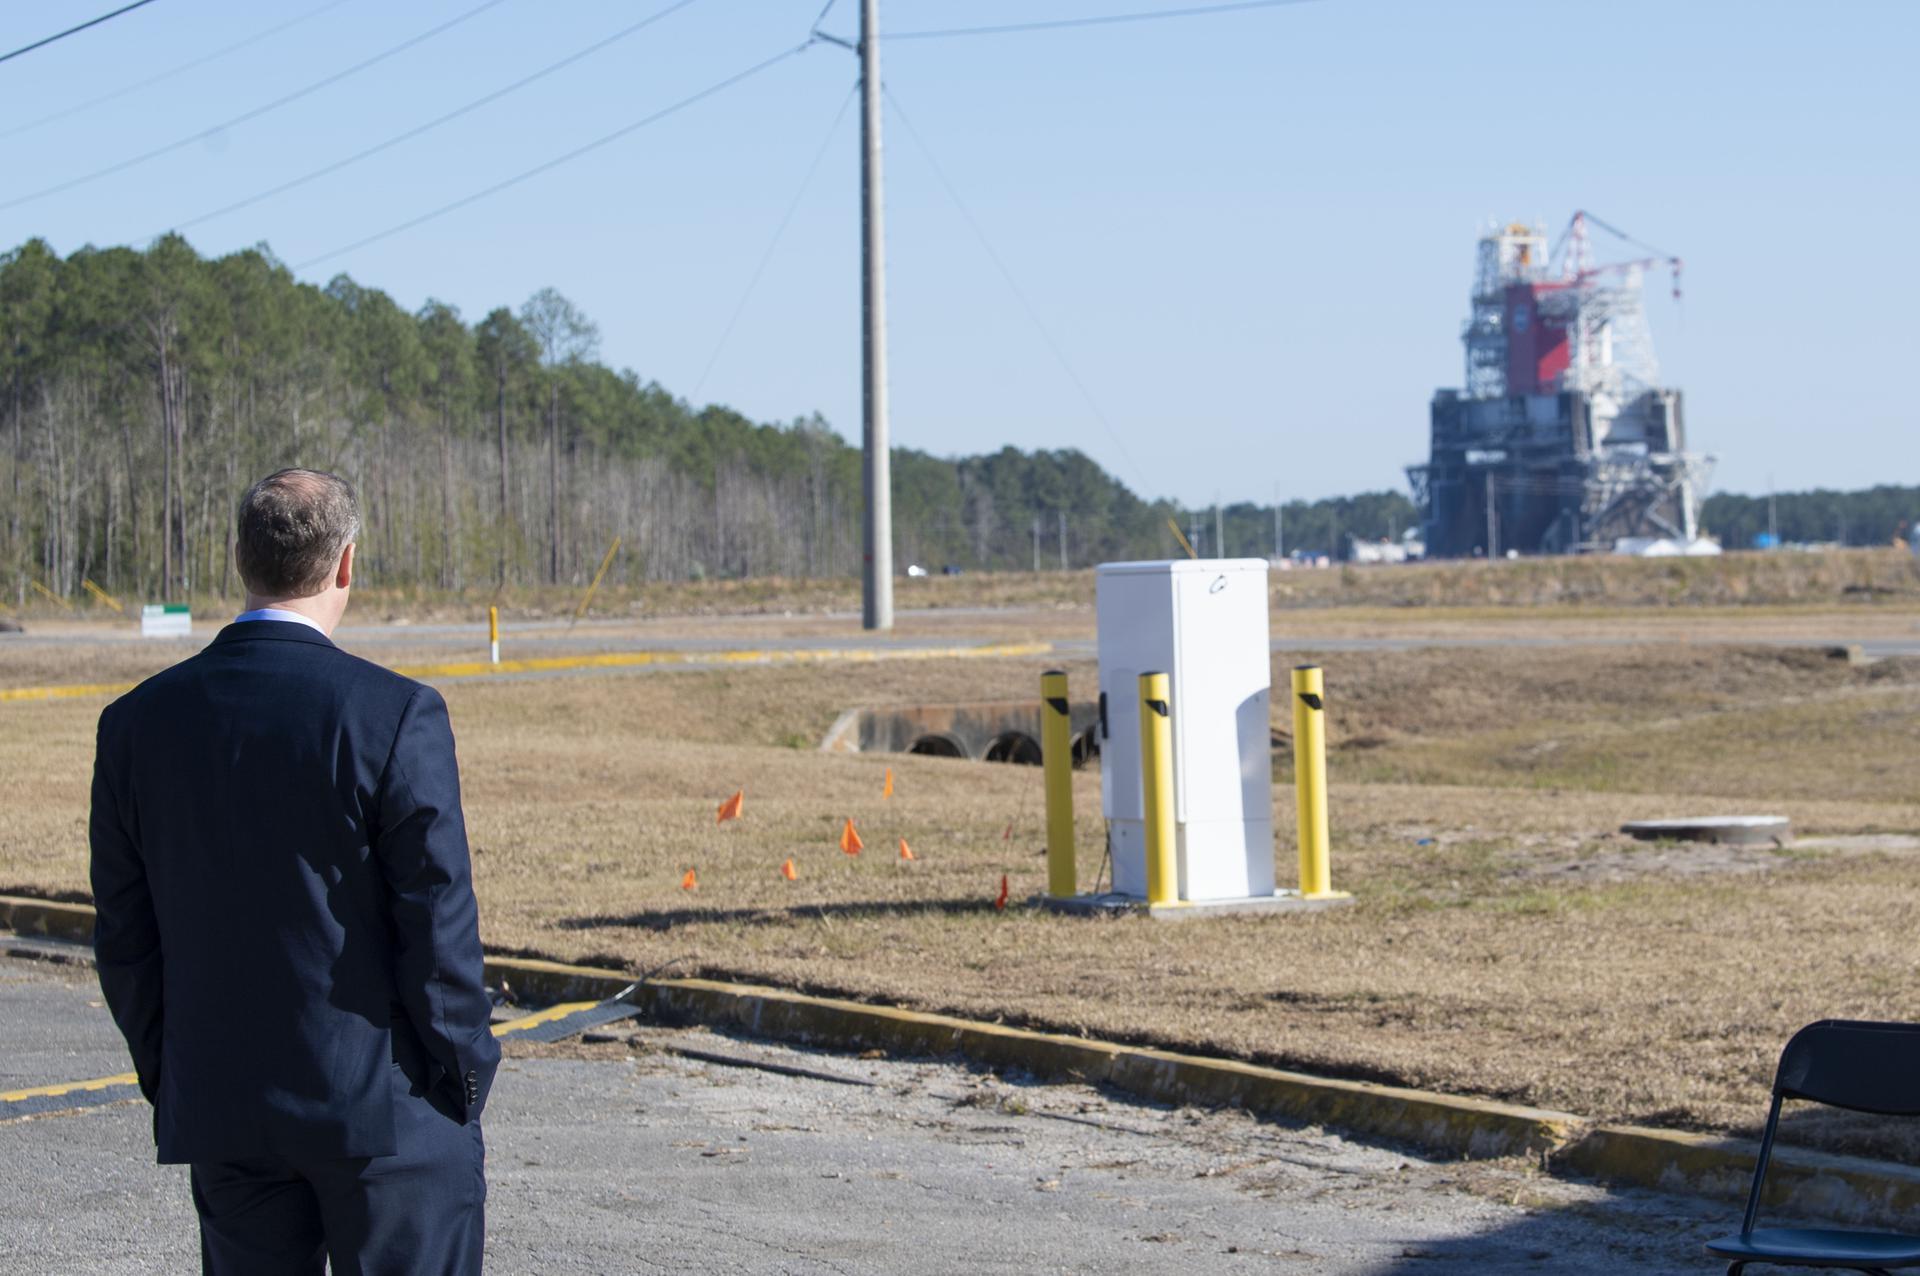 L'administrateur sortant de la NASA, Jim Bridenstine, pairs au banc d'essai B-2 au Stennis Space Center près de Bay St.Louis, Mississippi, avant un test de feu chaud le 16 janvier 2021, de la scène principale de la fusée Space Launch System de l'agence.